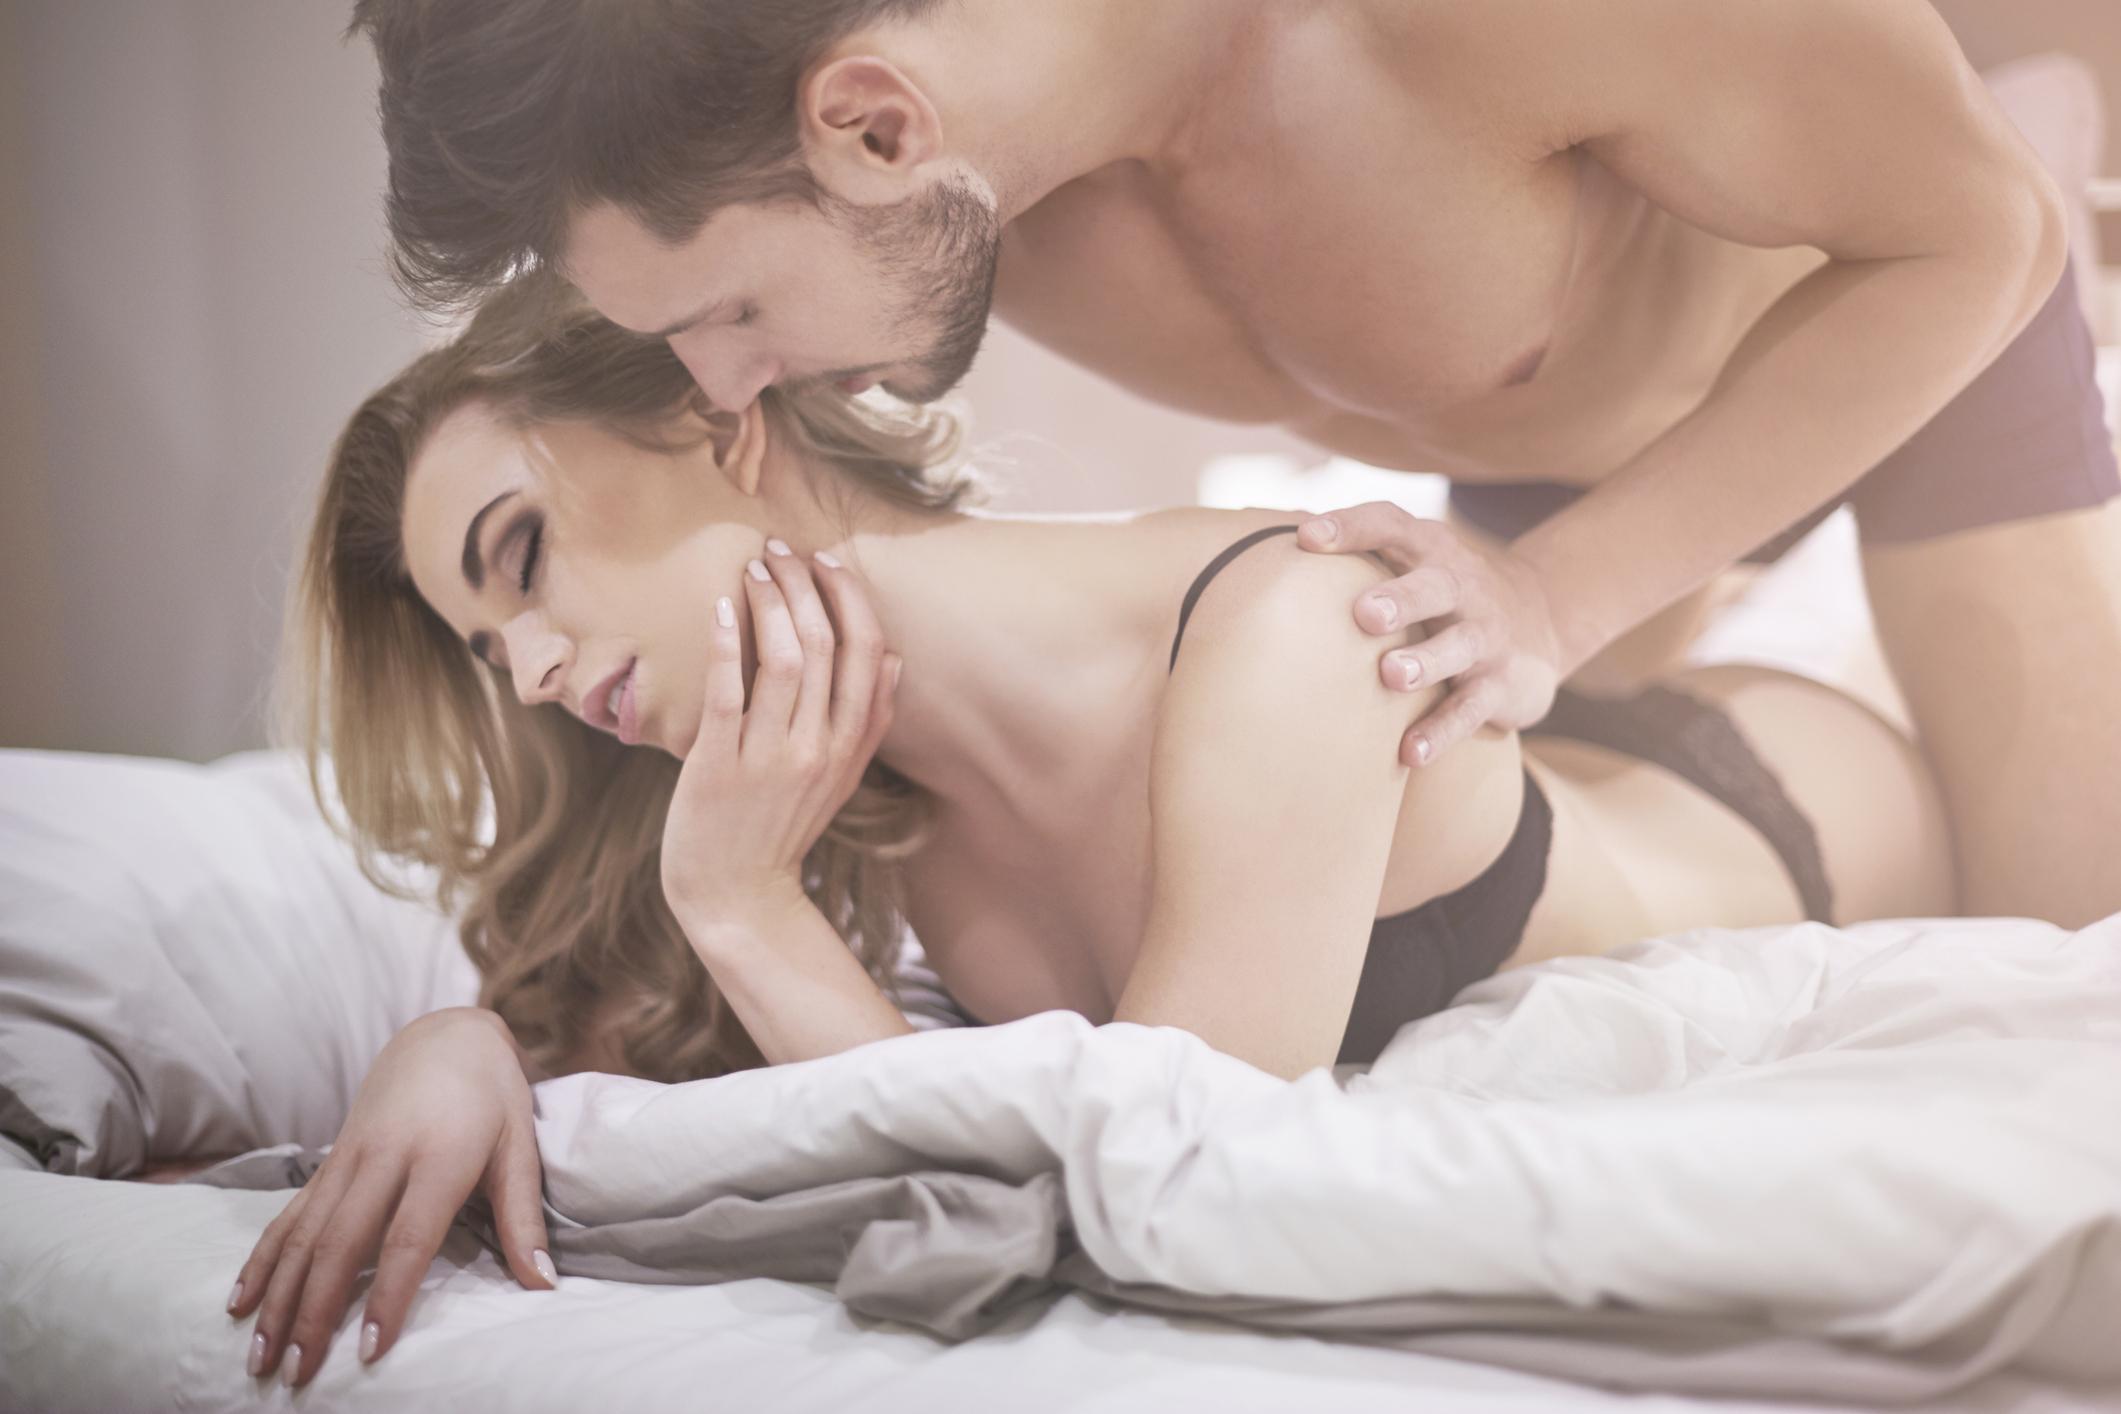 ¡Deja el tabú! Sigue esta guía para disfrutar del sexo anal con tu pareja